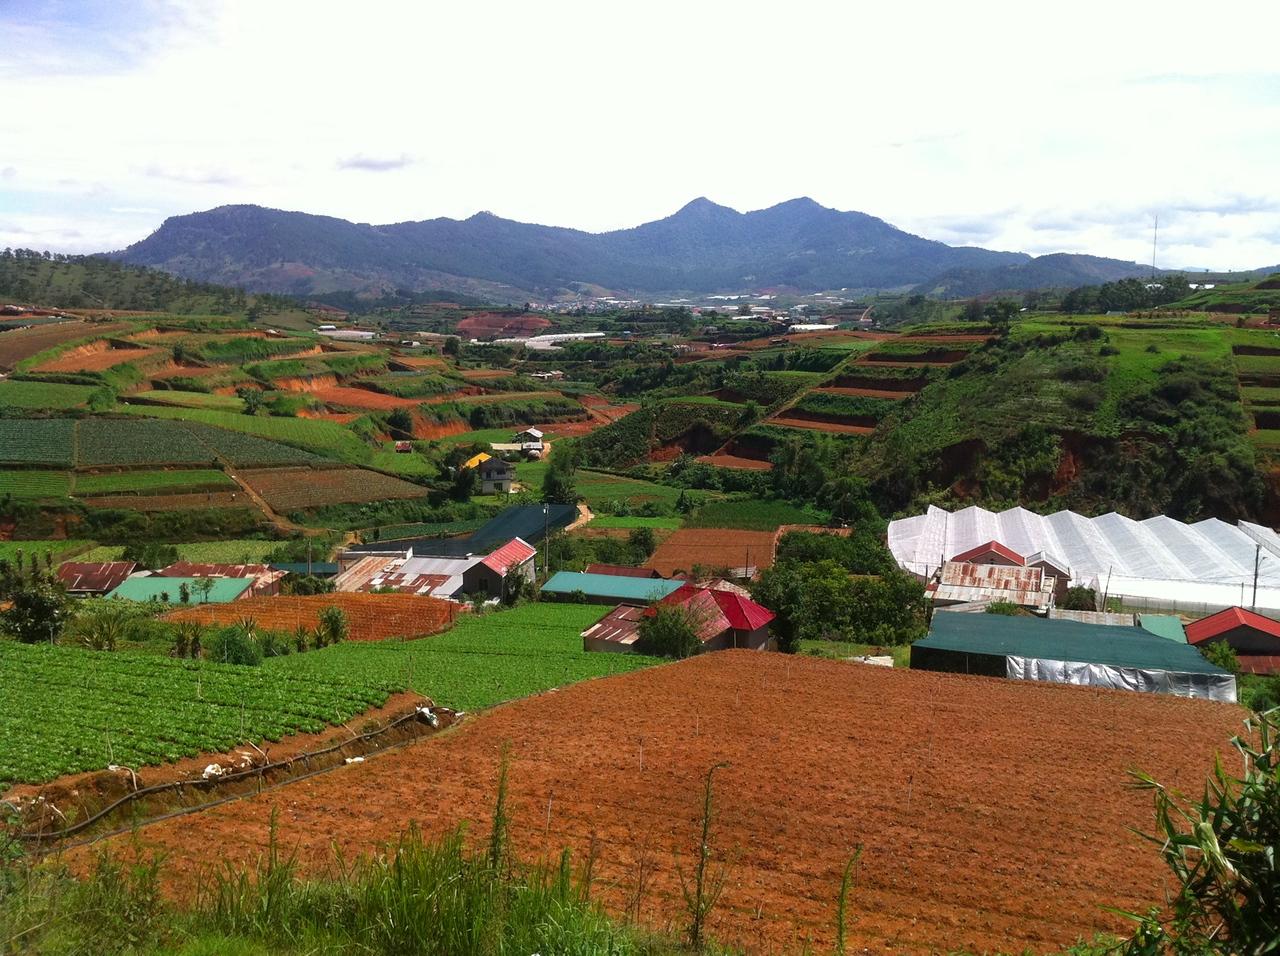 Farming near Dalat